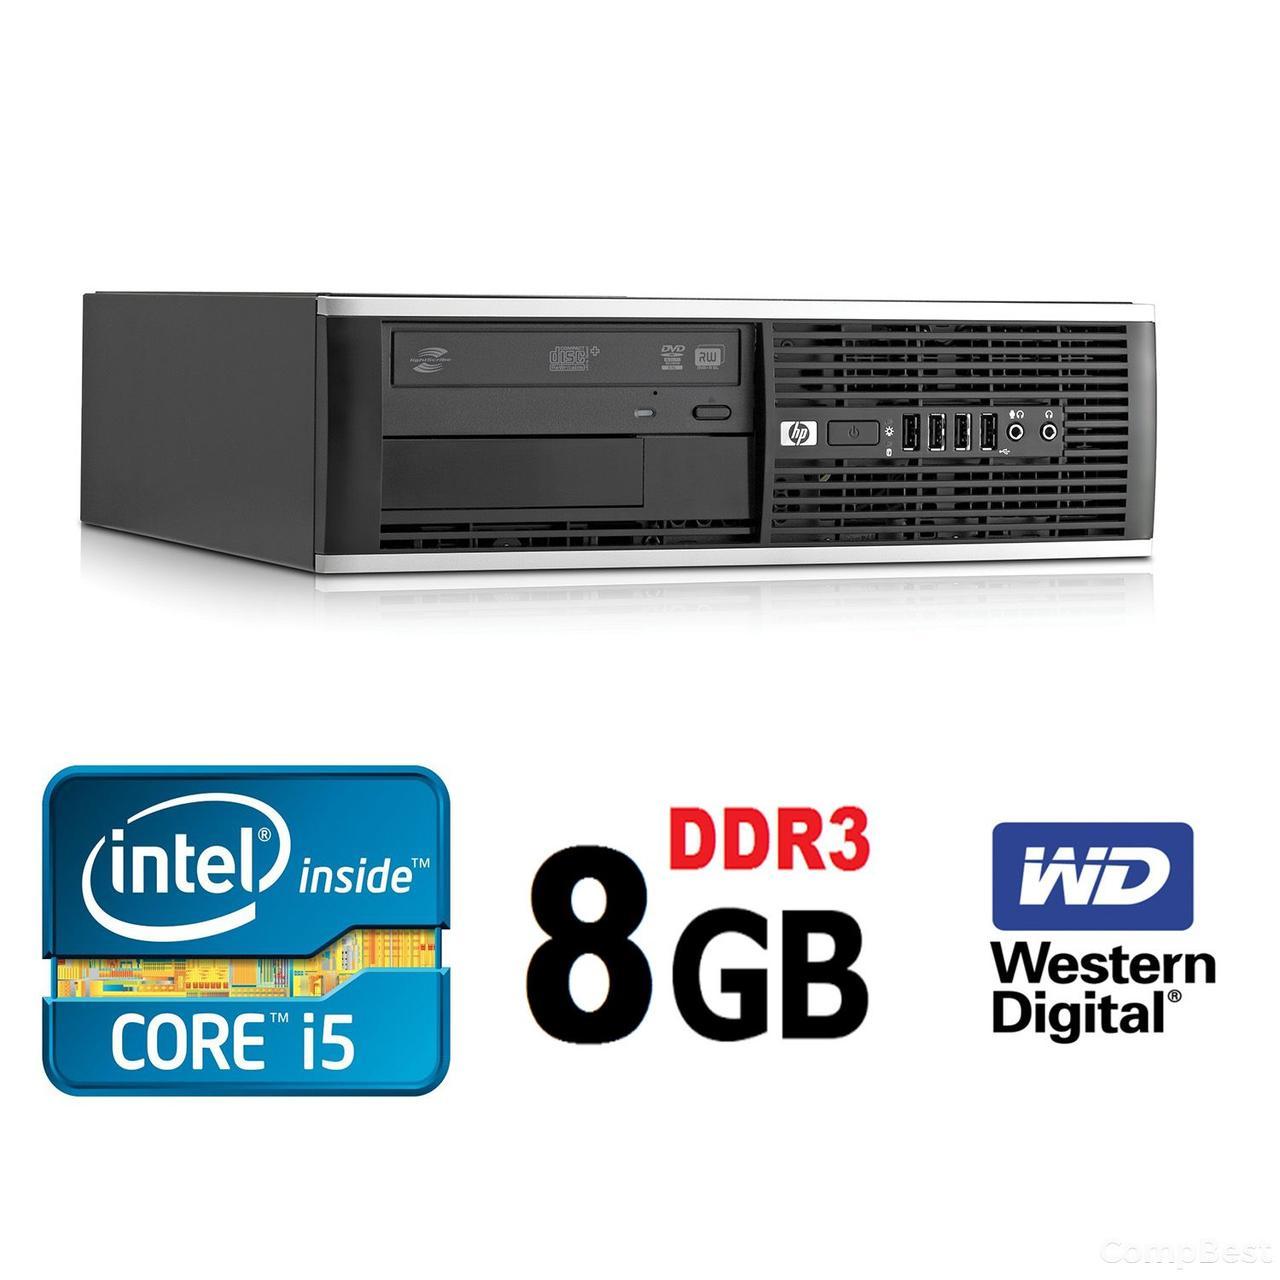 HP 6300 Ellite SFF / Intel i5-2400 (4 ядра, 3.1(3.4)GHz, 6MB) / 8GB DDR3 / 500GB HDD / USB 3.0